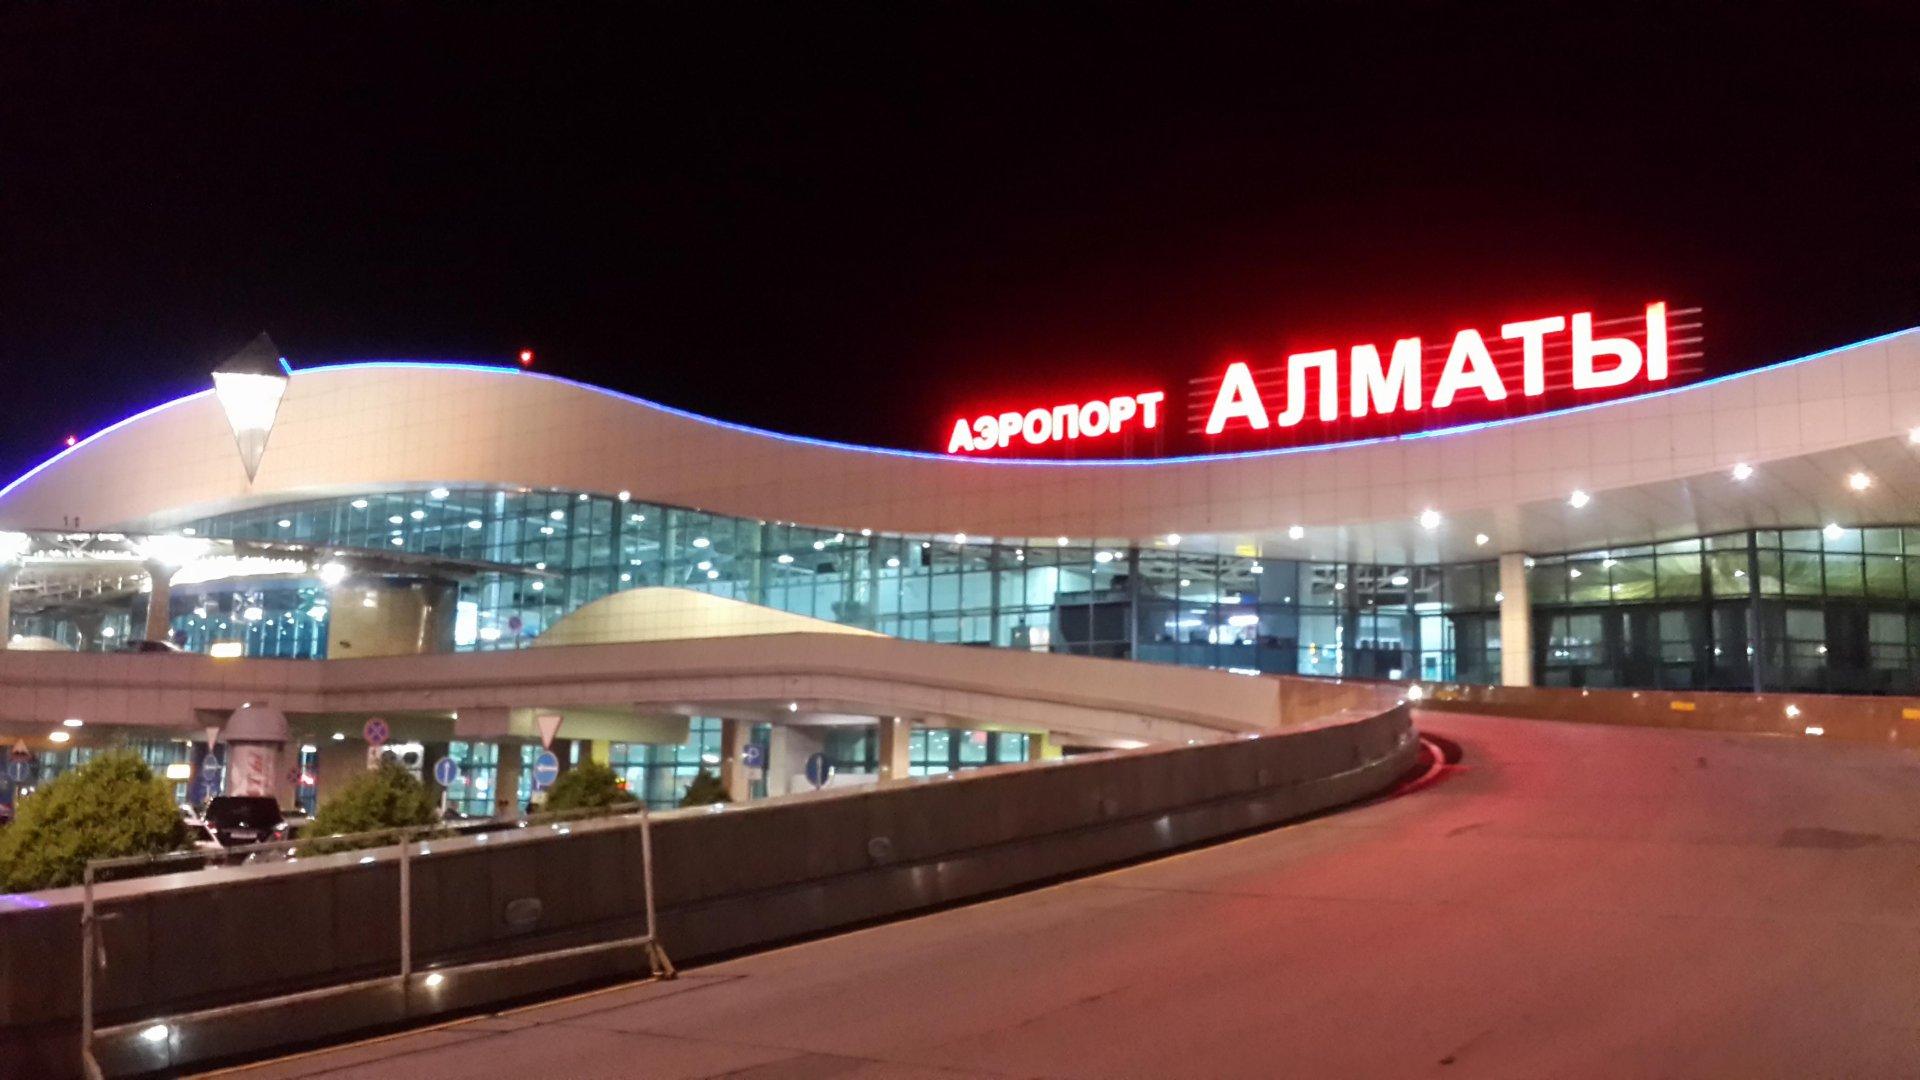 Руководство аэропорта Алматы планирует вдвое увеличить его пропускную способность